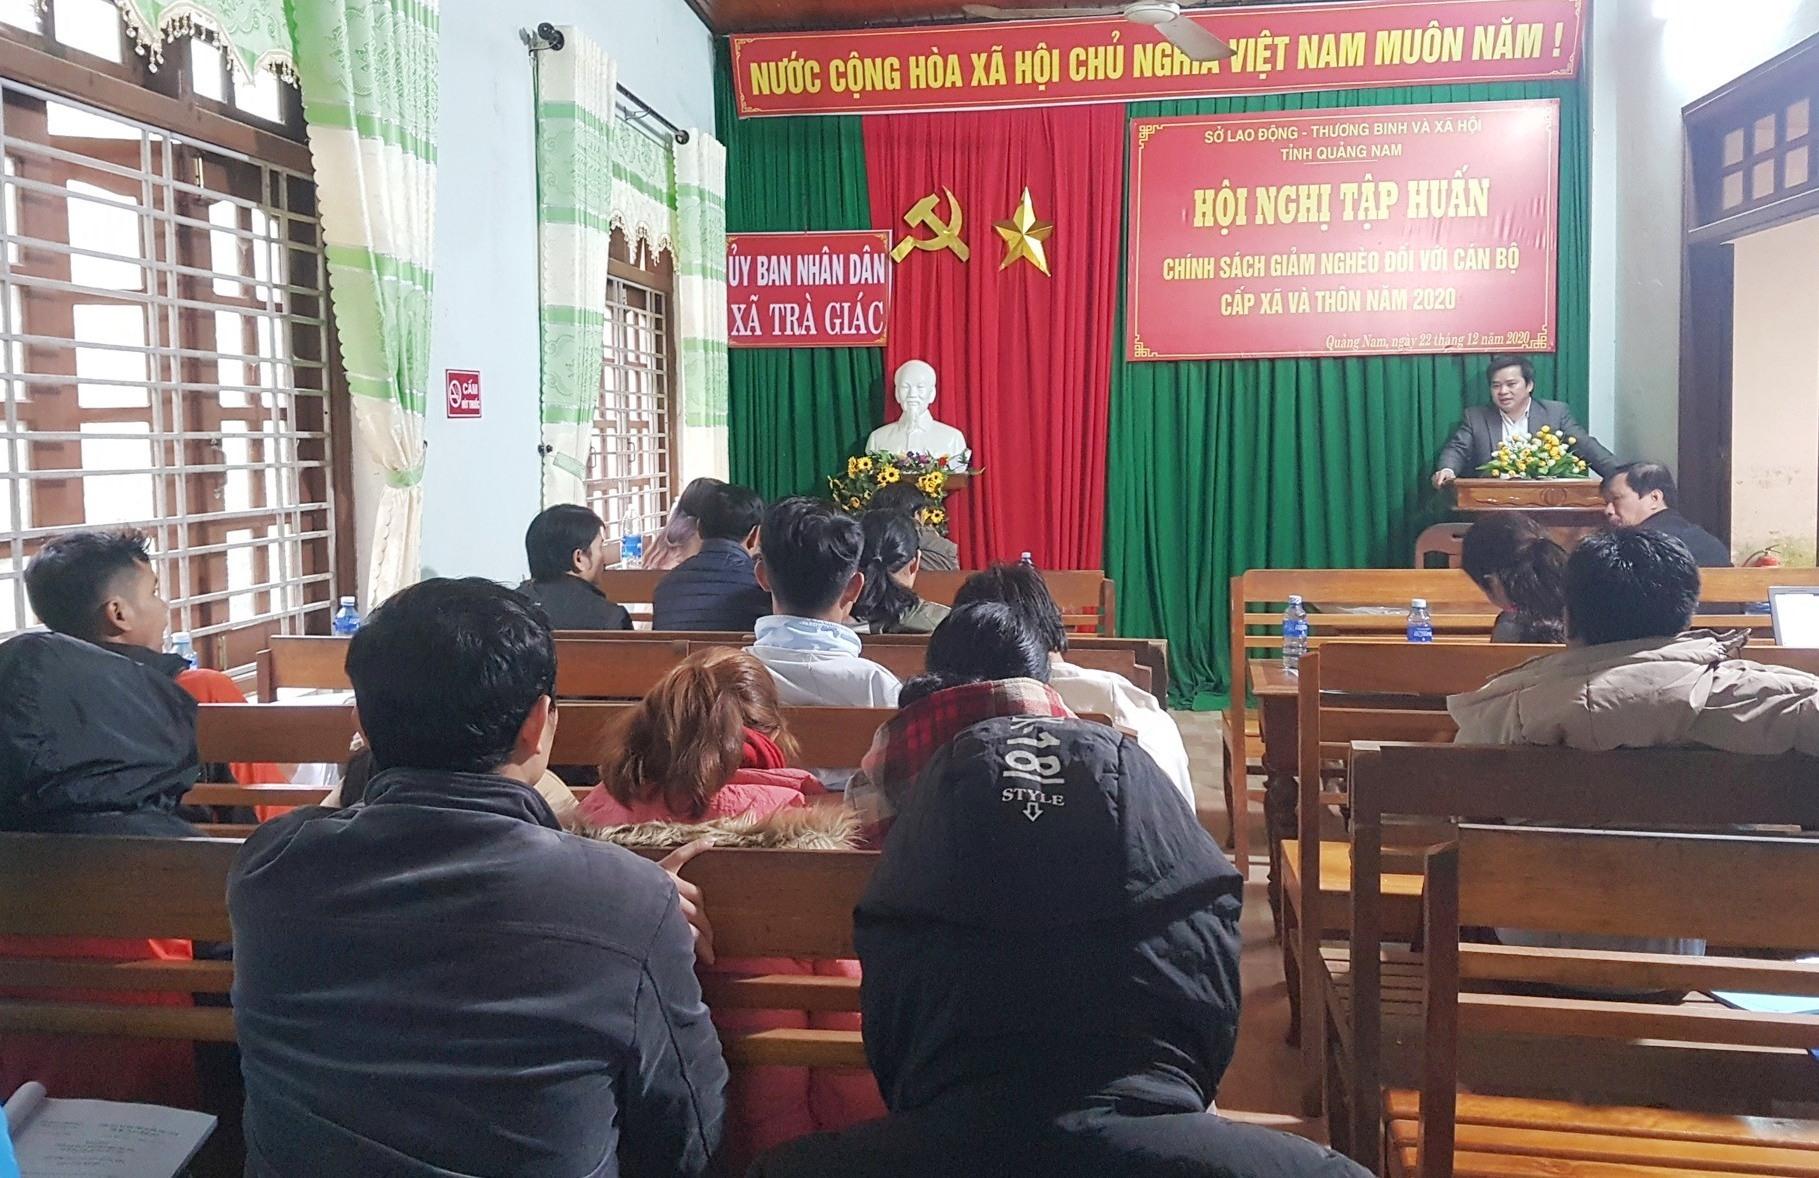 Hội nghị tập huấn chính sách giảm nghèo sáng nay tại xã Trà Giác. Ảnh: D.L